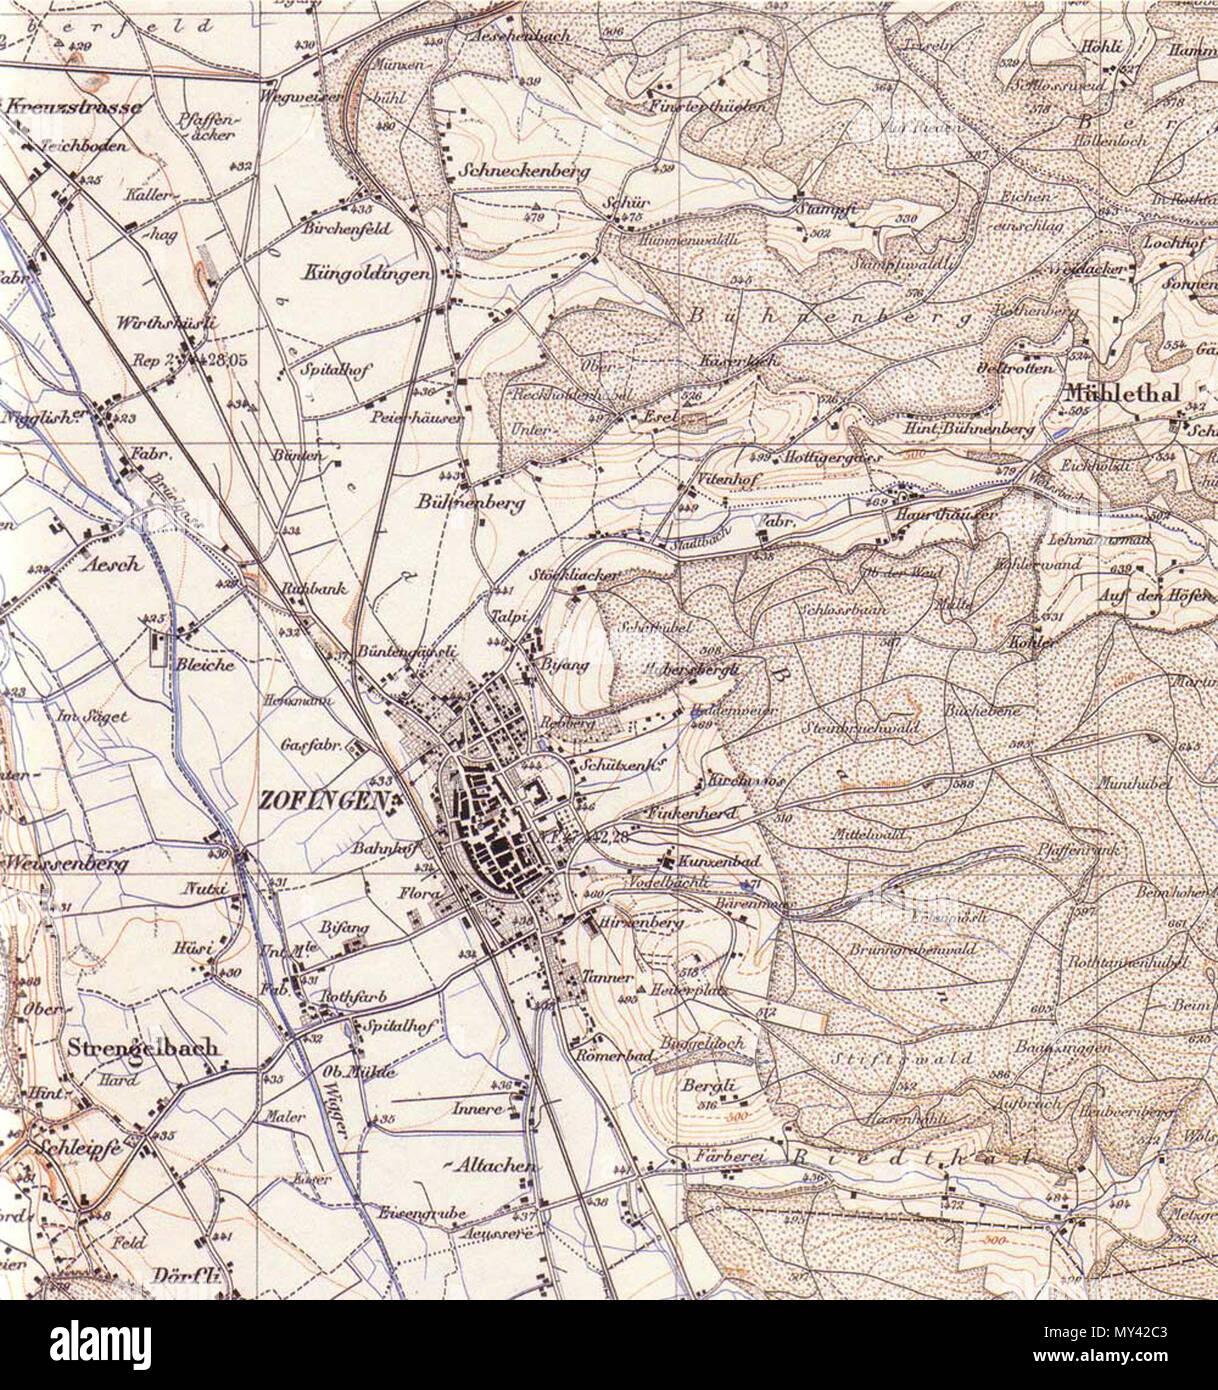 576 Zofingen 1884 - Stock Image